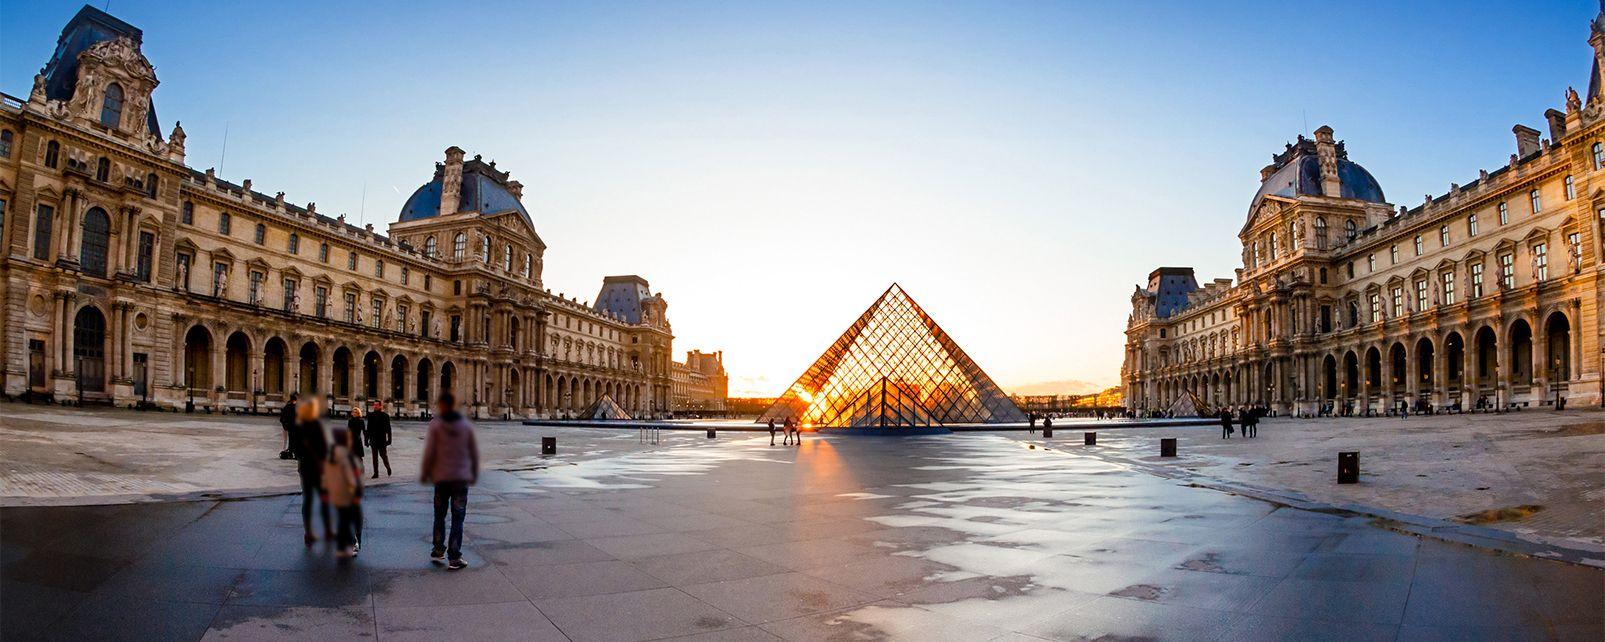 La pyramide du louvre ile de france france - Qui a construit la pyramide du louvre ...